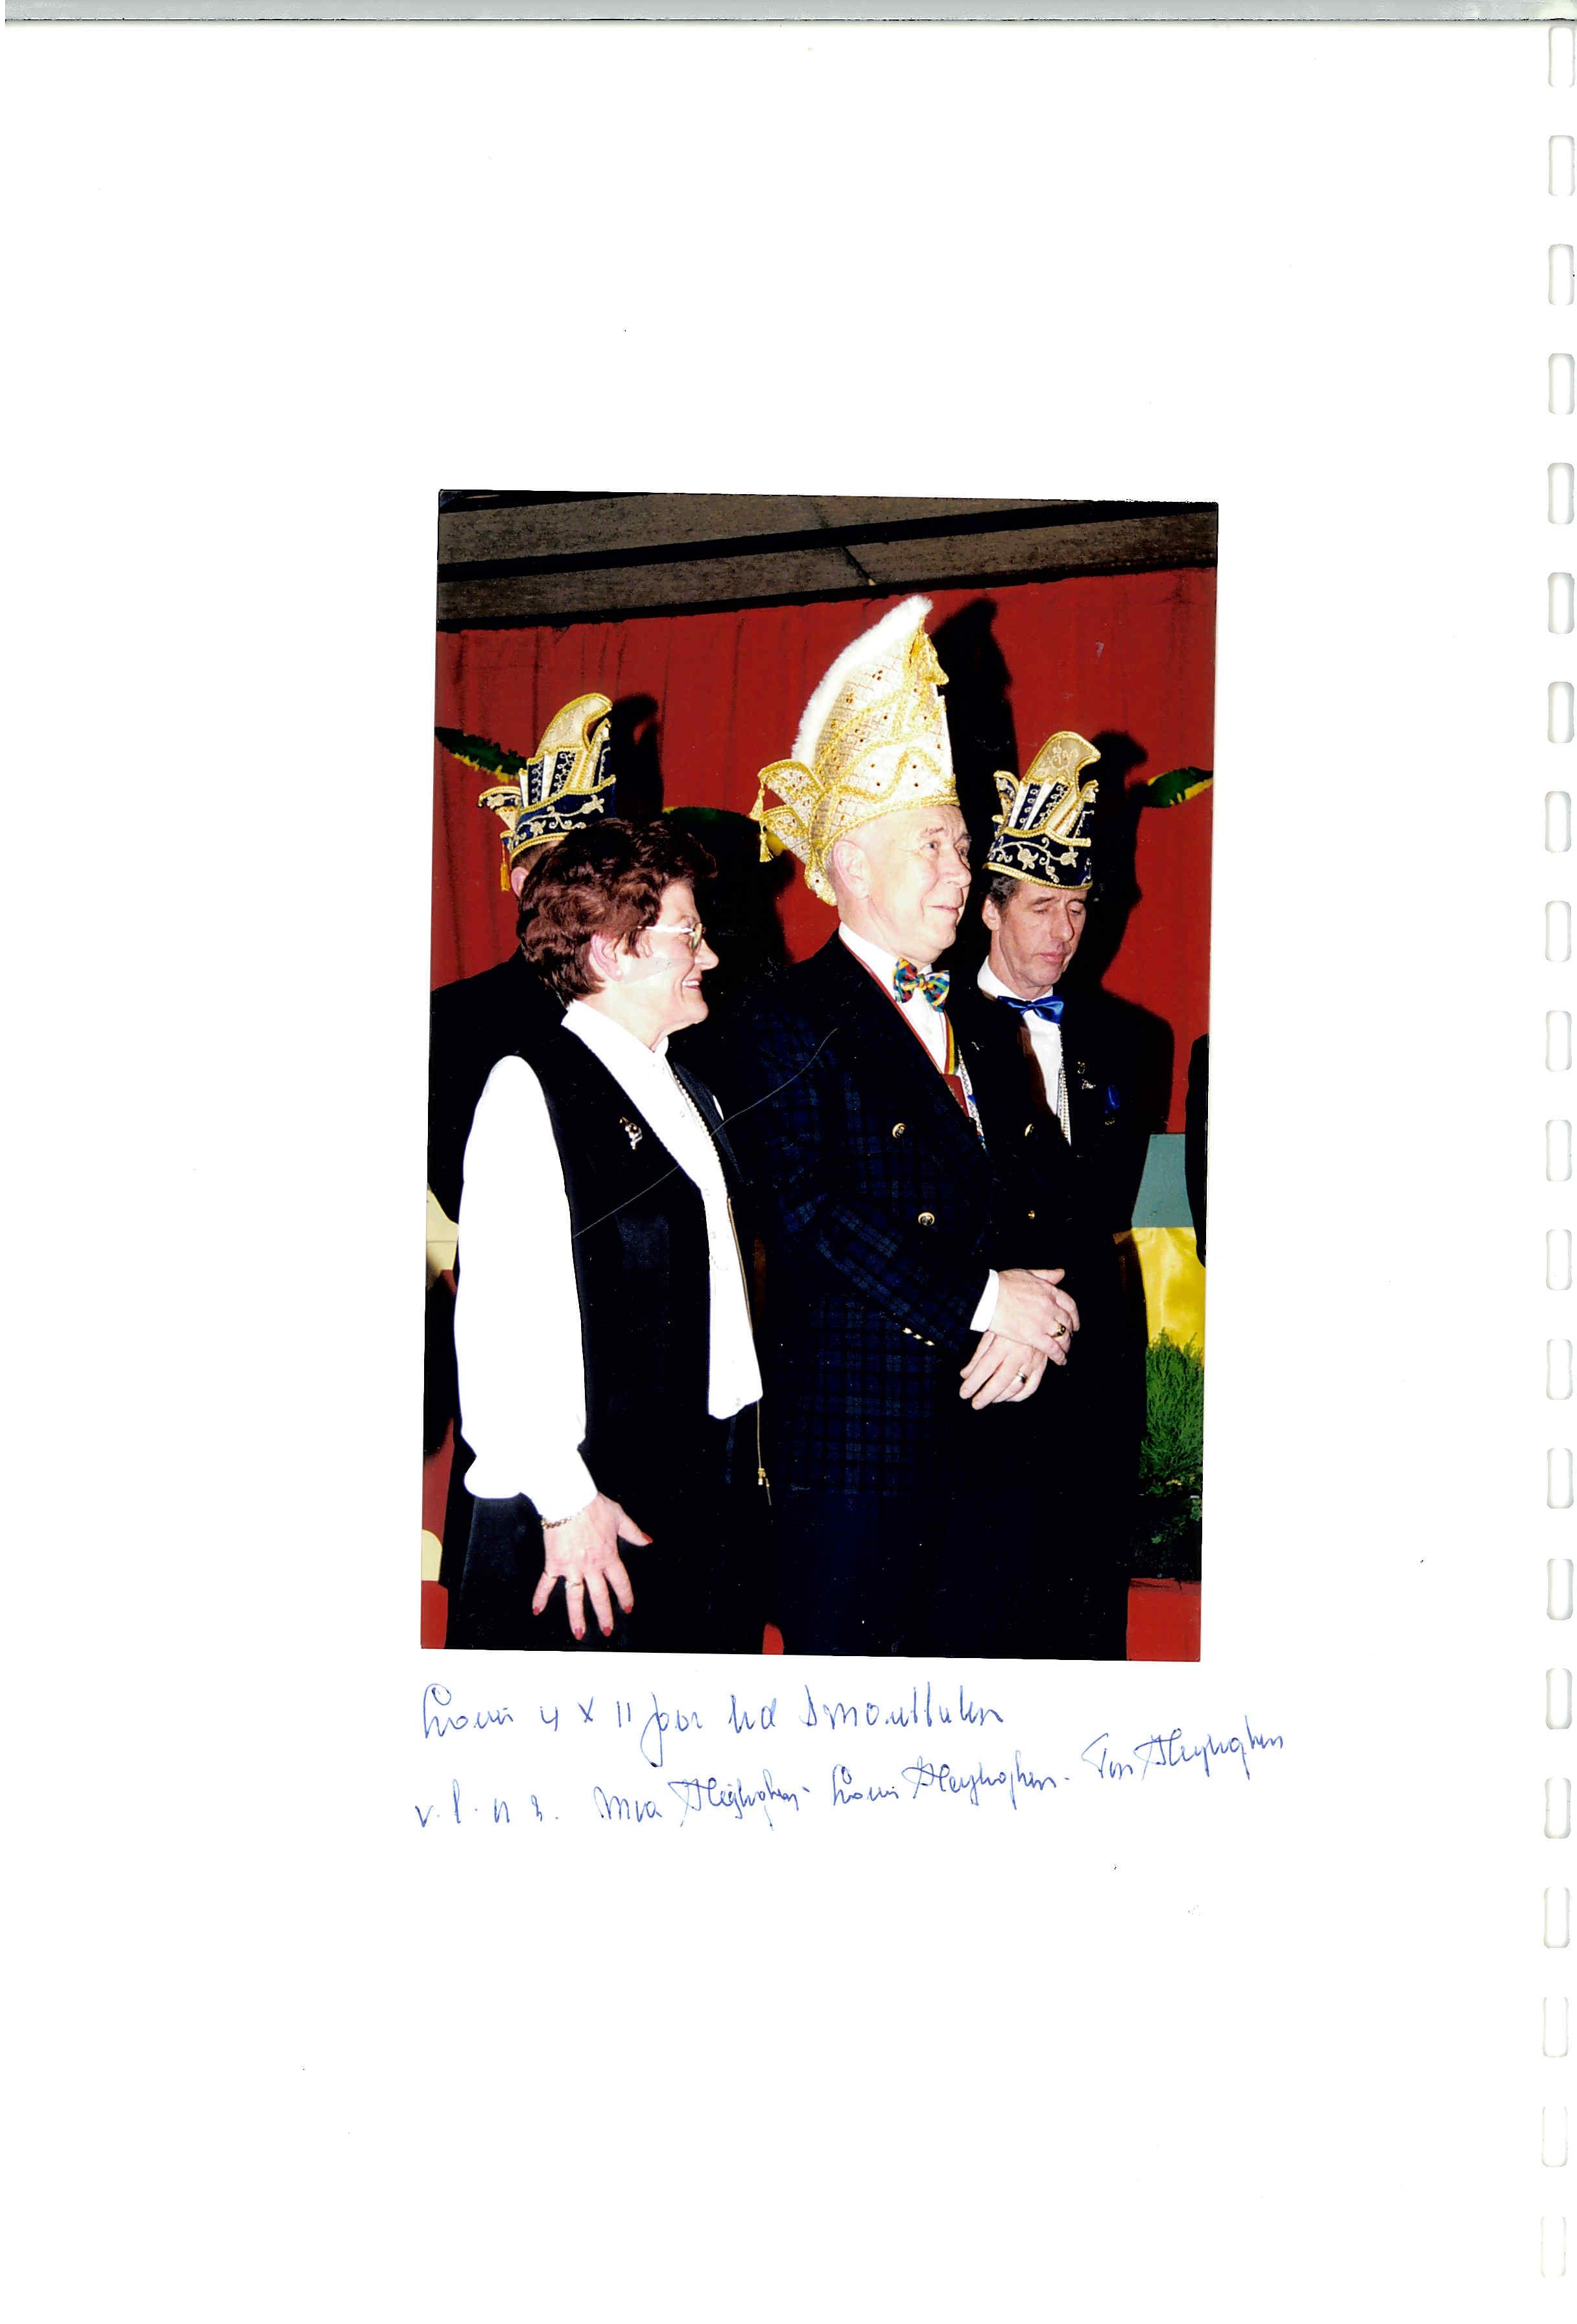 Fotoboek II Louis Heylighen p8